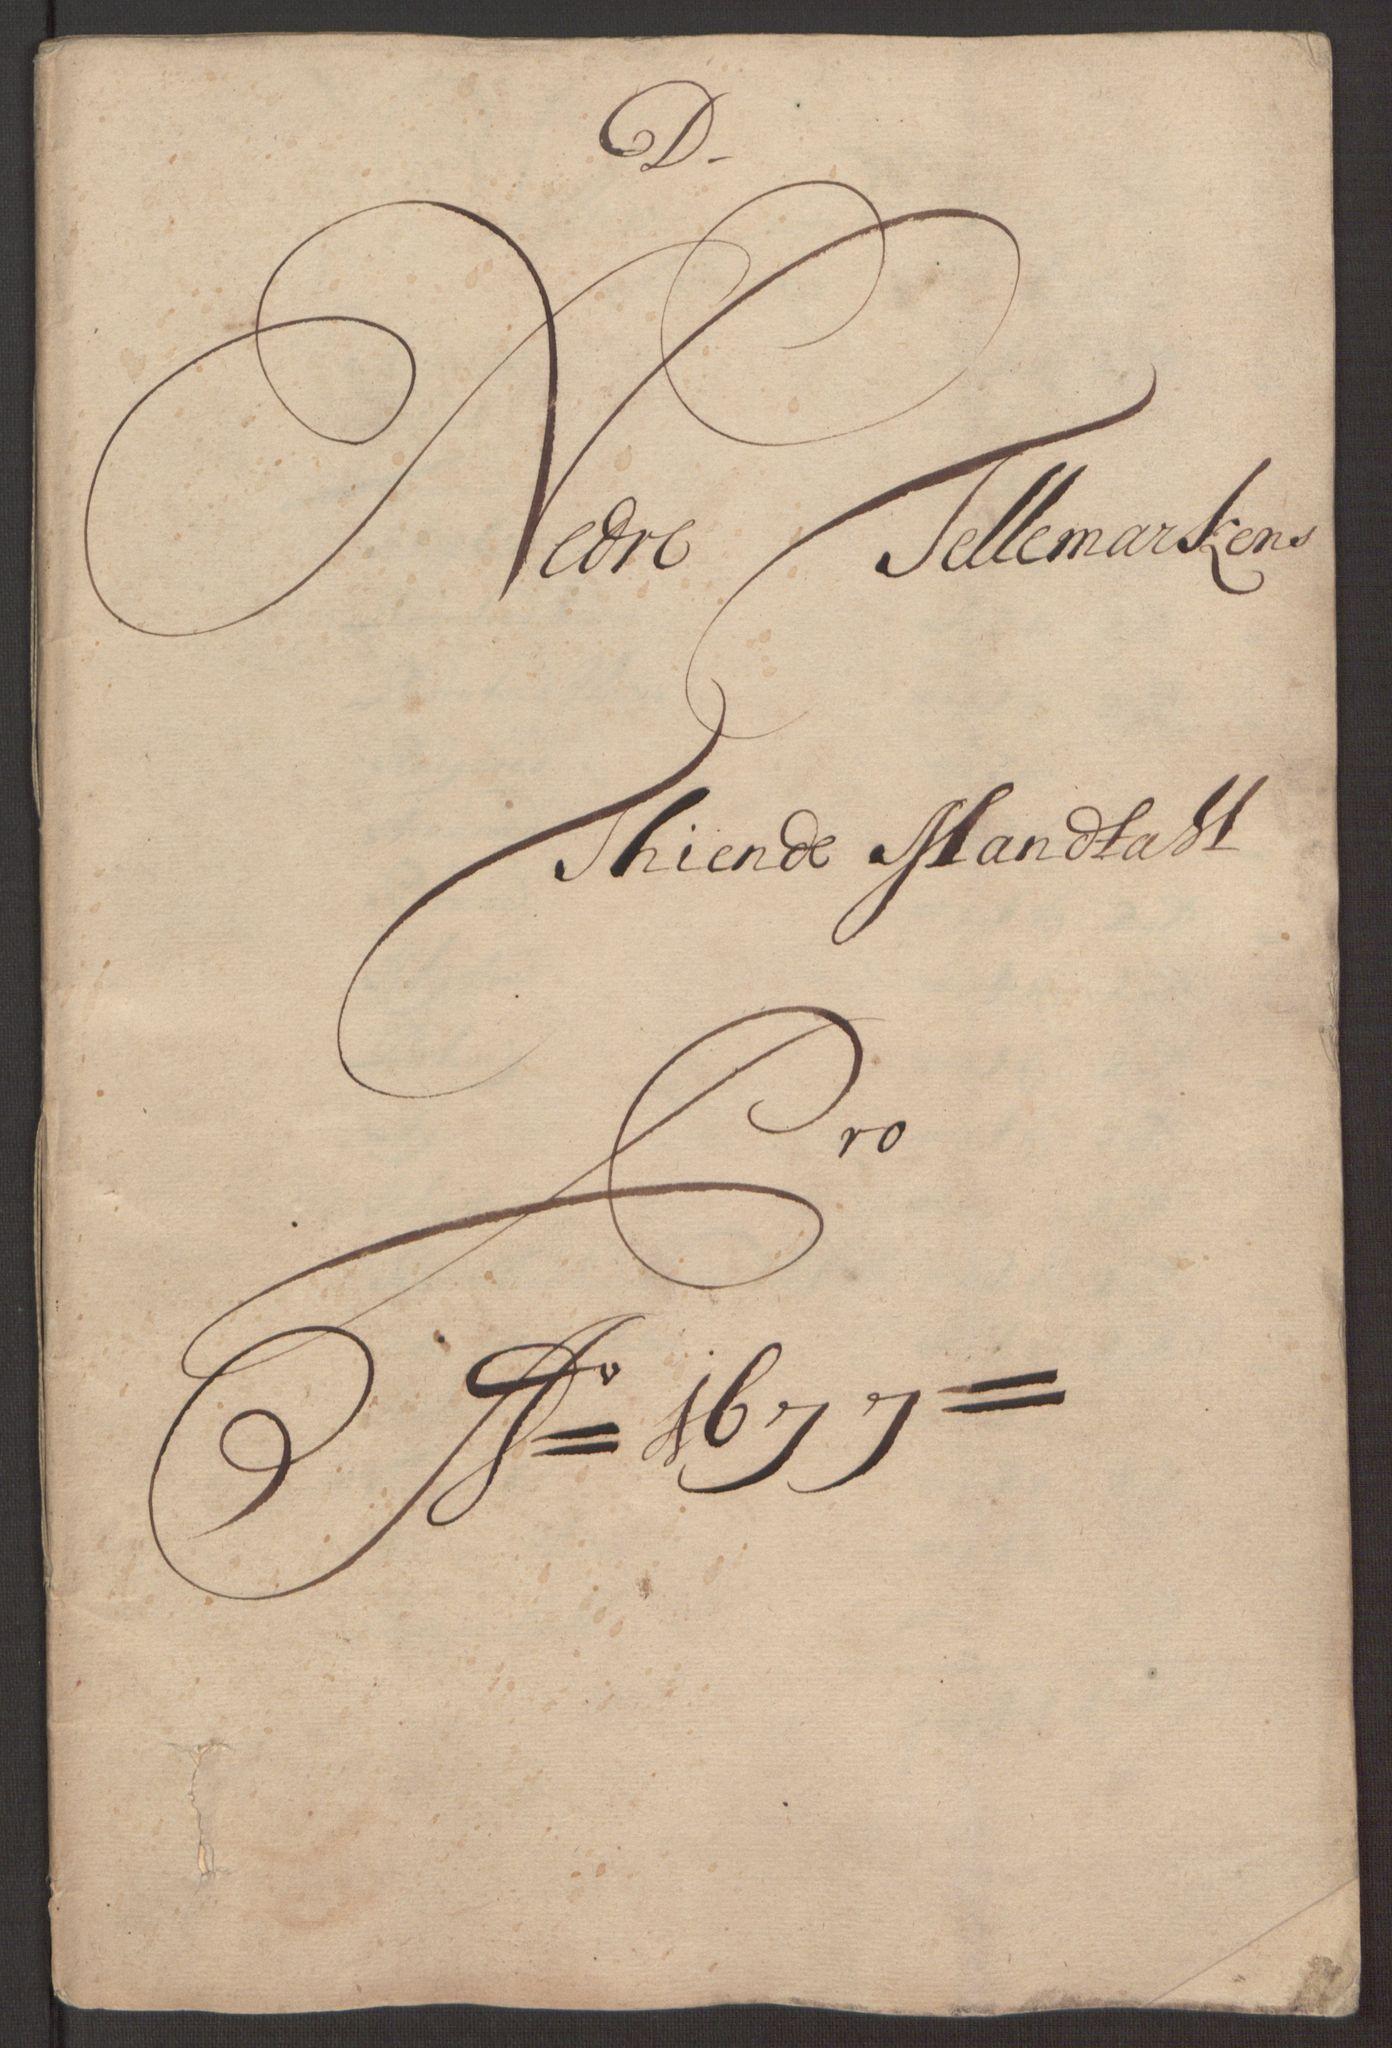 RA, Rentekammeret inntil 1814, Reviderte regnskaper, Fogderegnskap, R35/L2068: Fogderegnskap Øvre og Nedre Telemark, 1677, s. 100